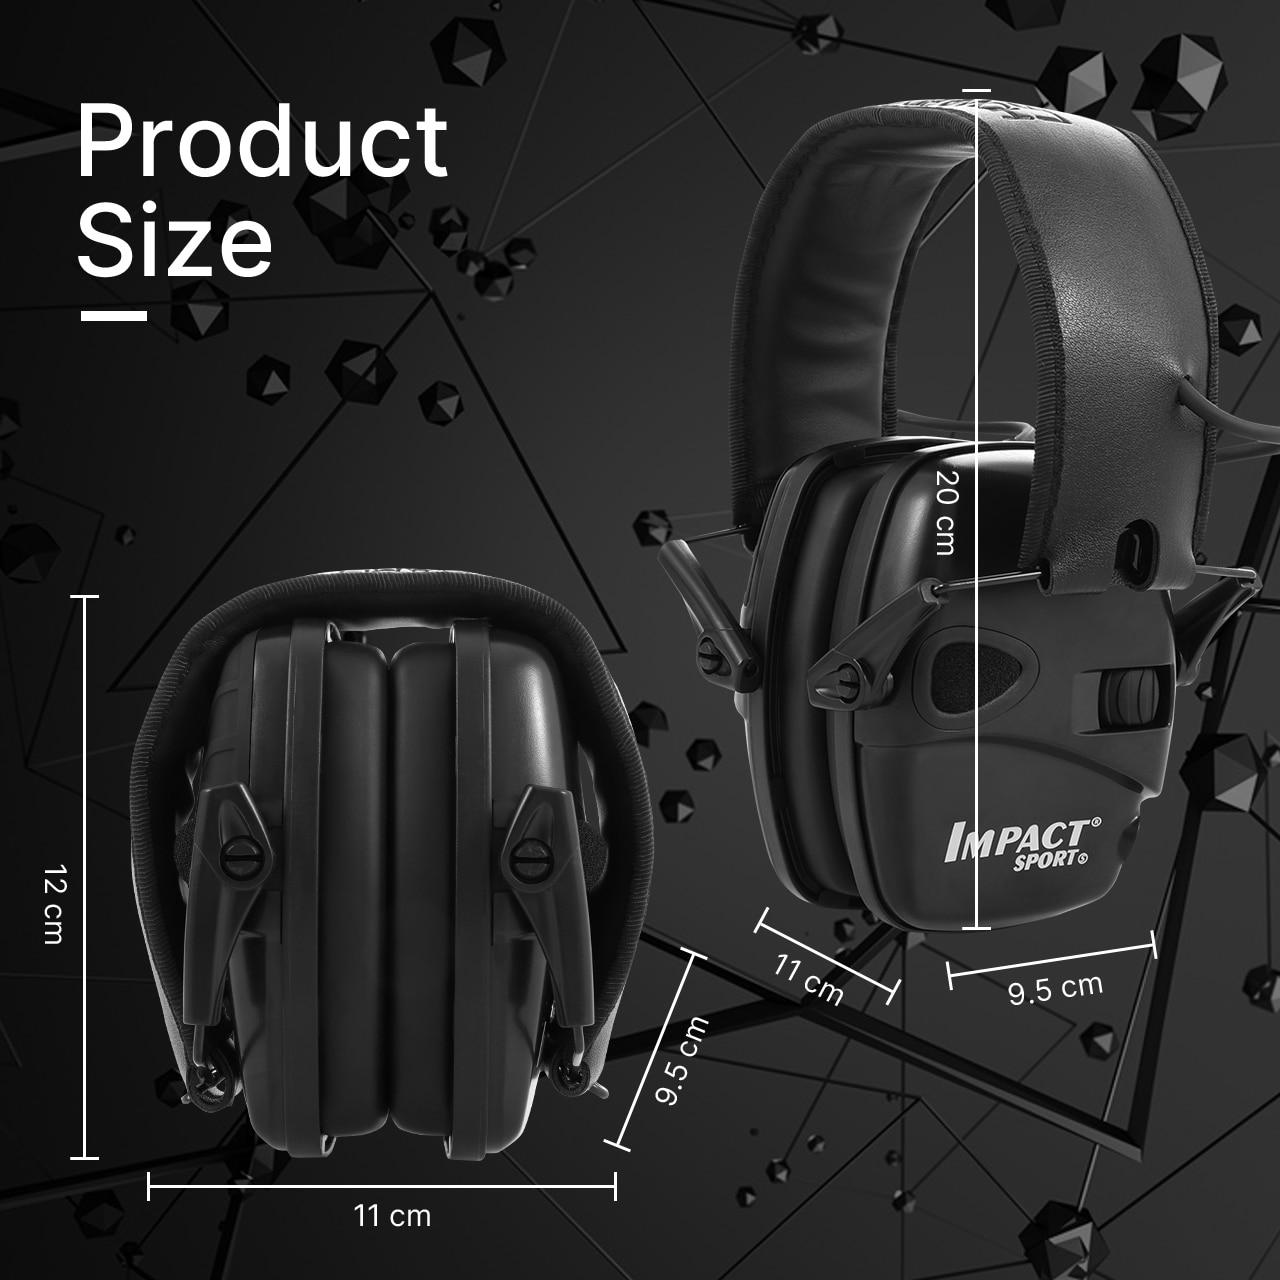 الأعلى مبيعًا سماعة أذن إلكترونية سوداء للرماية سماعات أذن رياضية خارجية مضادة للضوضاء سماعة رأس واقية للصوت